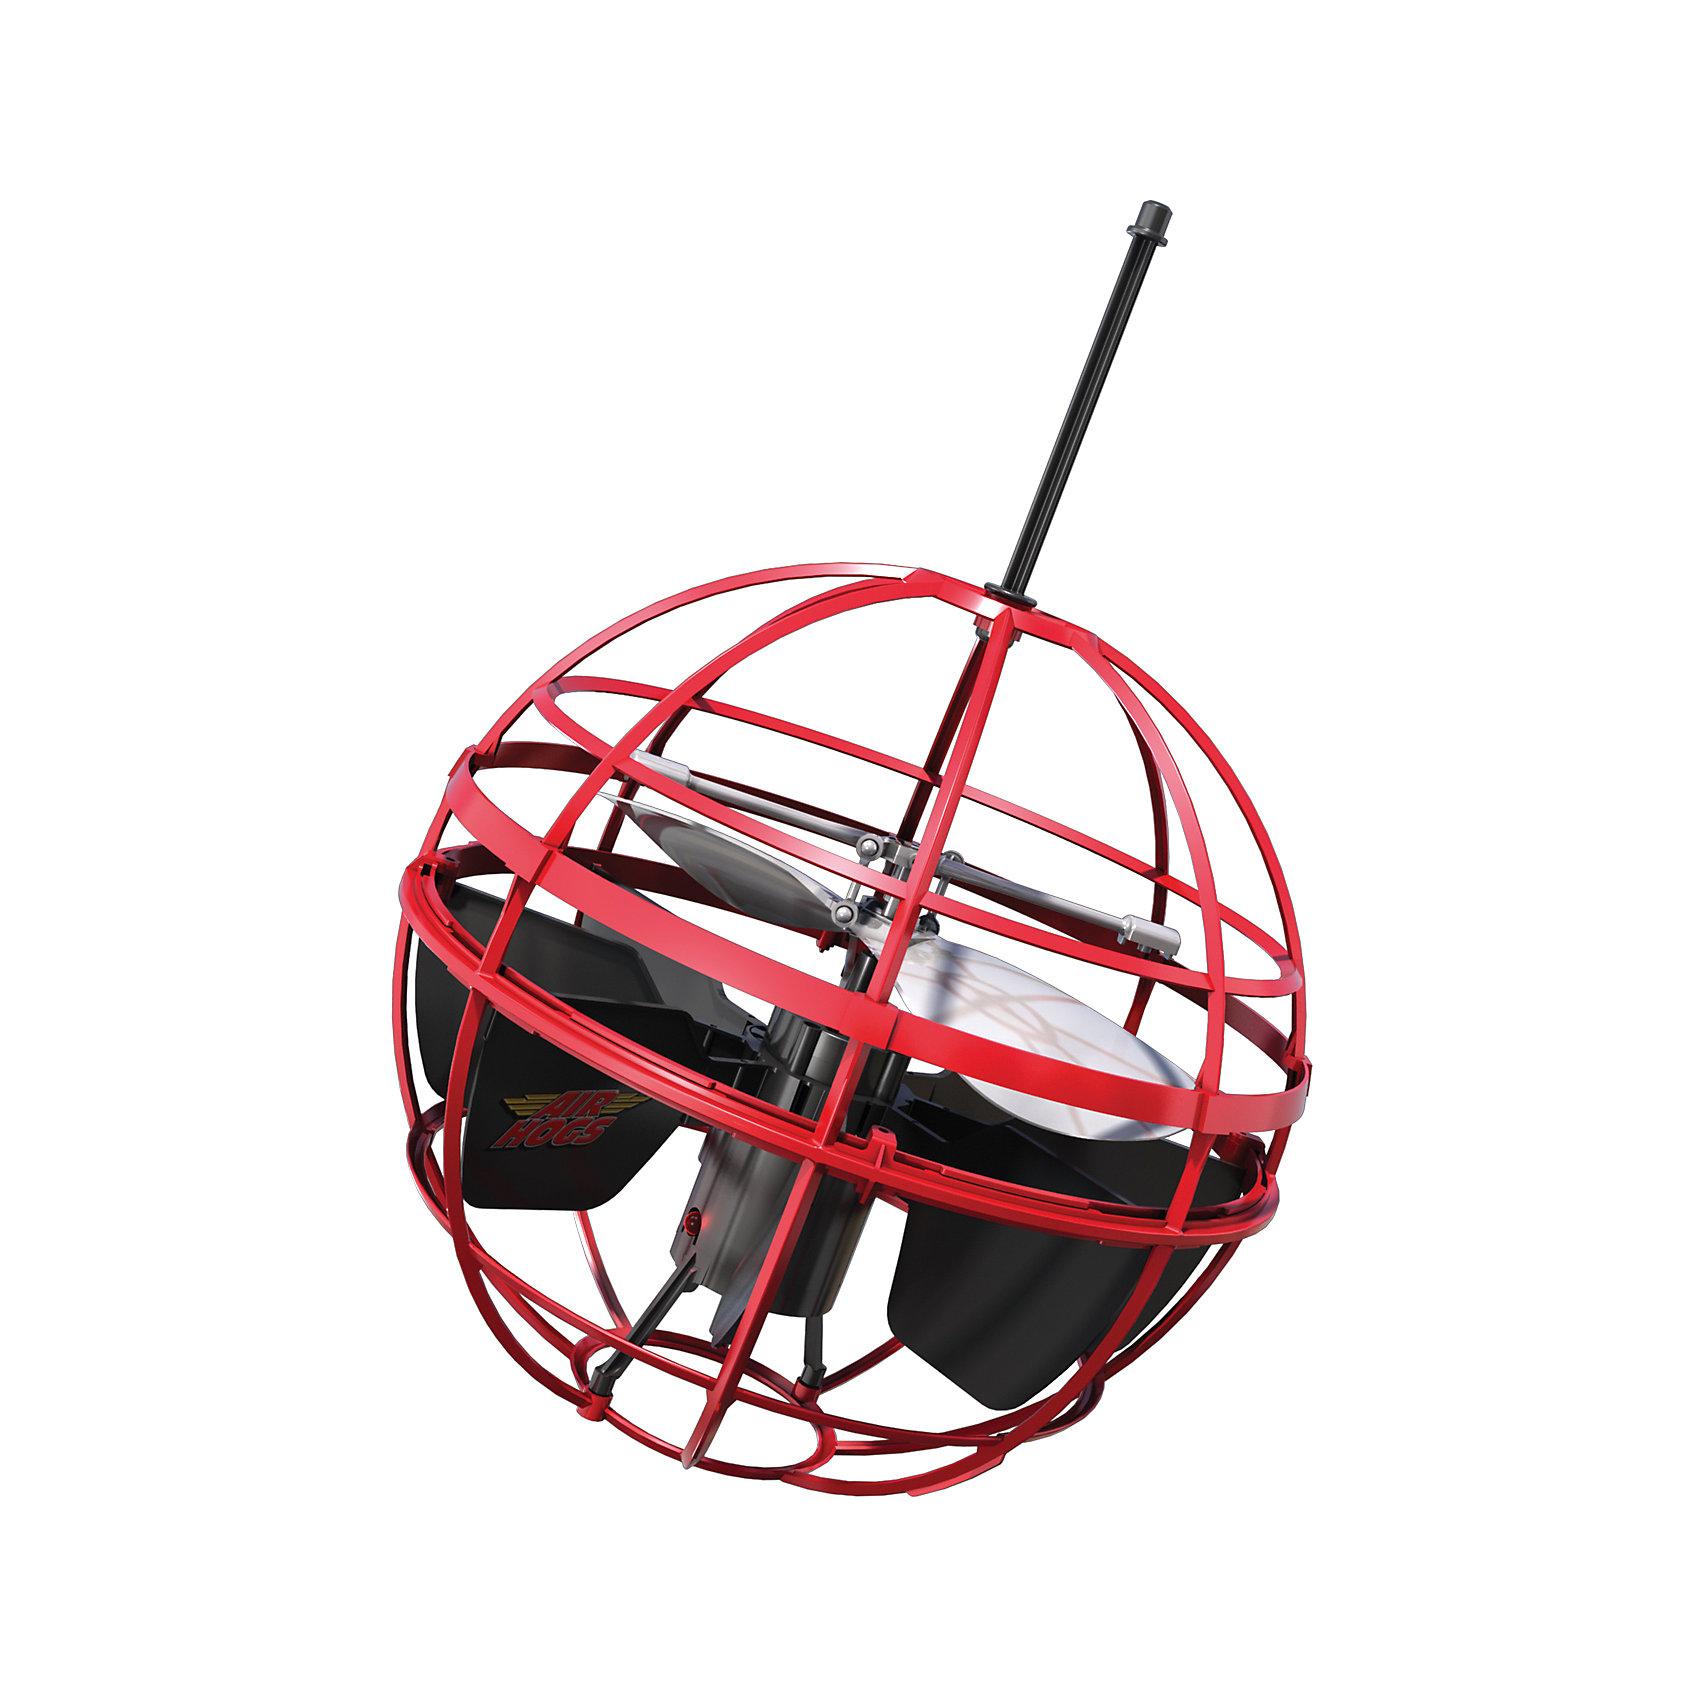 Игрушка НЛО Летающий шар, AIR HOGS, 44475/20063615Игрушка НЛО Летающий шар, AIR HOGS - необычная игрушка, которая светится во время полета и может управляться при помощи рук, без пульта дистанционного управления (игроку необходимо лишь поднести ладонь к основанию летающего шара AIR HOGS НЛО).  У игрушки AIR HOGS НЛО есть сенсорные датчики, которые позволяют ей облетать препятствия, не задевая их, а также зависать в воздухе. Игрушка шар летающий AIR HOGS НЛО может быть использована одним игроком или же с ней могут играть два игрока, перекидывая ее друг другу. Летающий шар AIR HOGS НЛО может летать на определенном расстоянии от поверхности. Ребенок может самостоятельно регулировать высоту полета при помощи ладошек.  Как играть: 1) Включите игрушку (кнопка ON) 2) Установите игрушку на ровную поверхность (или пол), не берите сразу в руки. Игрушка начнет подниматься вверх/вниз, и через несколько секунд она начнет летать более сбалансированно. 3) Игра руками: НЛО зависает над вашей вытянутой рукой. 4) Перекидывание: возьмите тарелку за антенну и легонько перекиньте напарнику под углом 10-30 градусов. 5) После окончания игры нажмите кнопку Off-  Дополнительная информация:  - Диаметр игрушки: 14 см. - Материал: ударопрочный пластик, встроенные сенсорные датчики. - Игрушка светится во время полета. - Для работы необходимы 6 батареек х АА (в наборе нет).   Игрушку НЛО Летающий шар, AIR HOGS можно купить в нашем интернет-магазине.<br><br>Ширина мм: 130<br>Глубина мм: 300<br>Высота мм: 230<br>Вес г: 419<br>Возраст от месяцев: 96<br>Возраст до месяцев: 156<br>Пол: Мужской<br>Возраст: Детский<br>SKU: 4835985